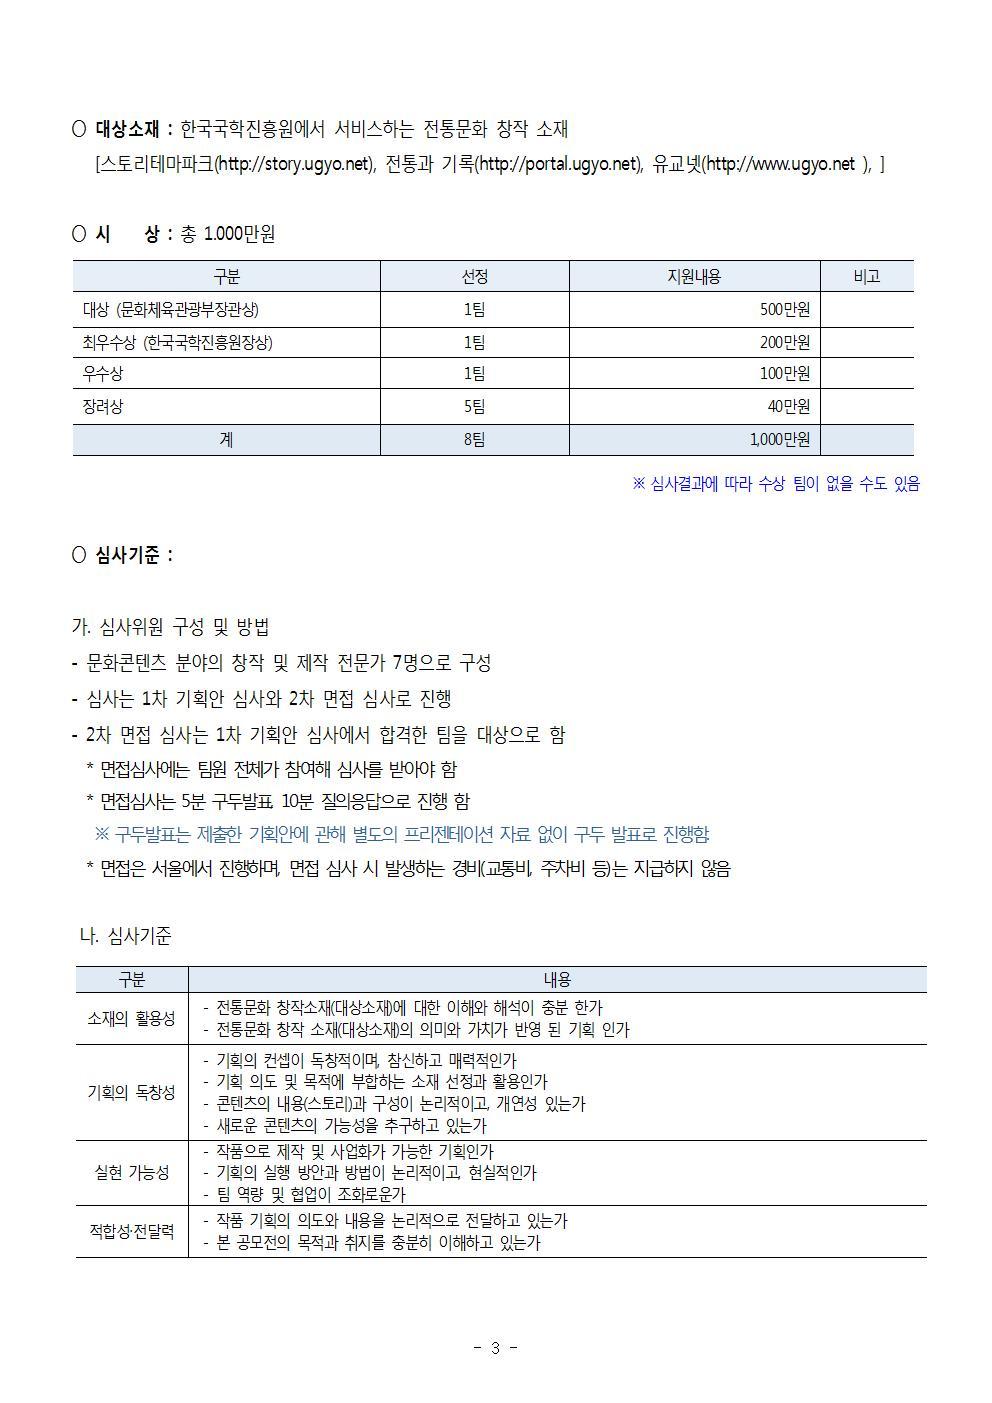 2018_스토리테마파크 공모전(공모요강)003